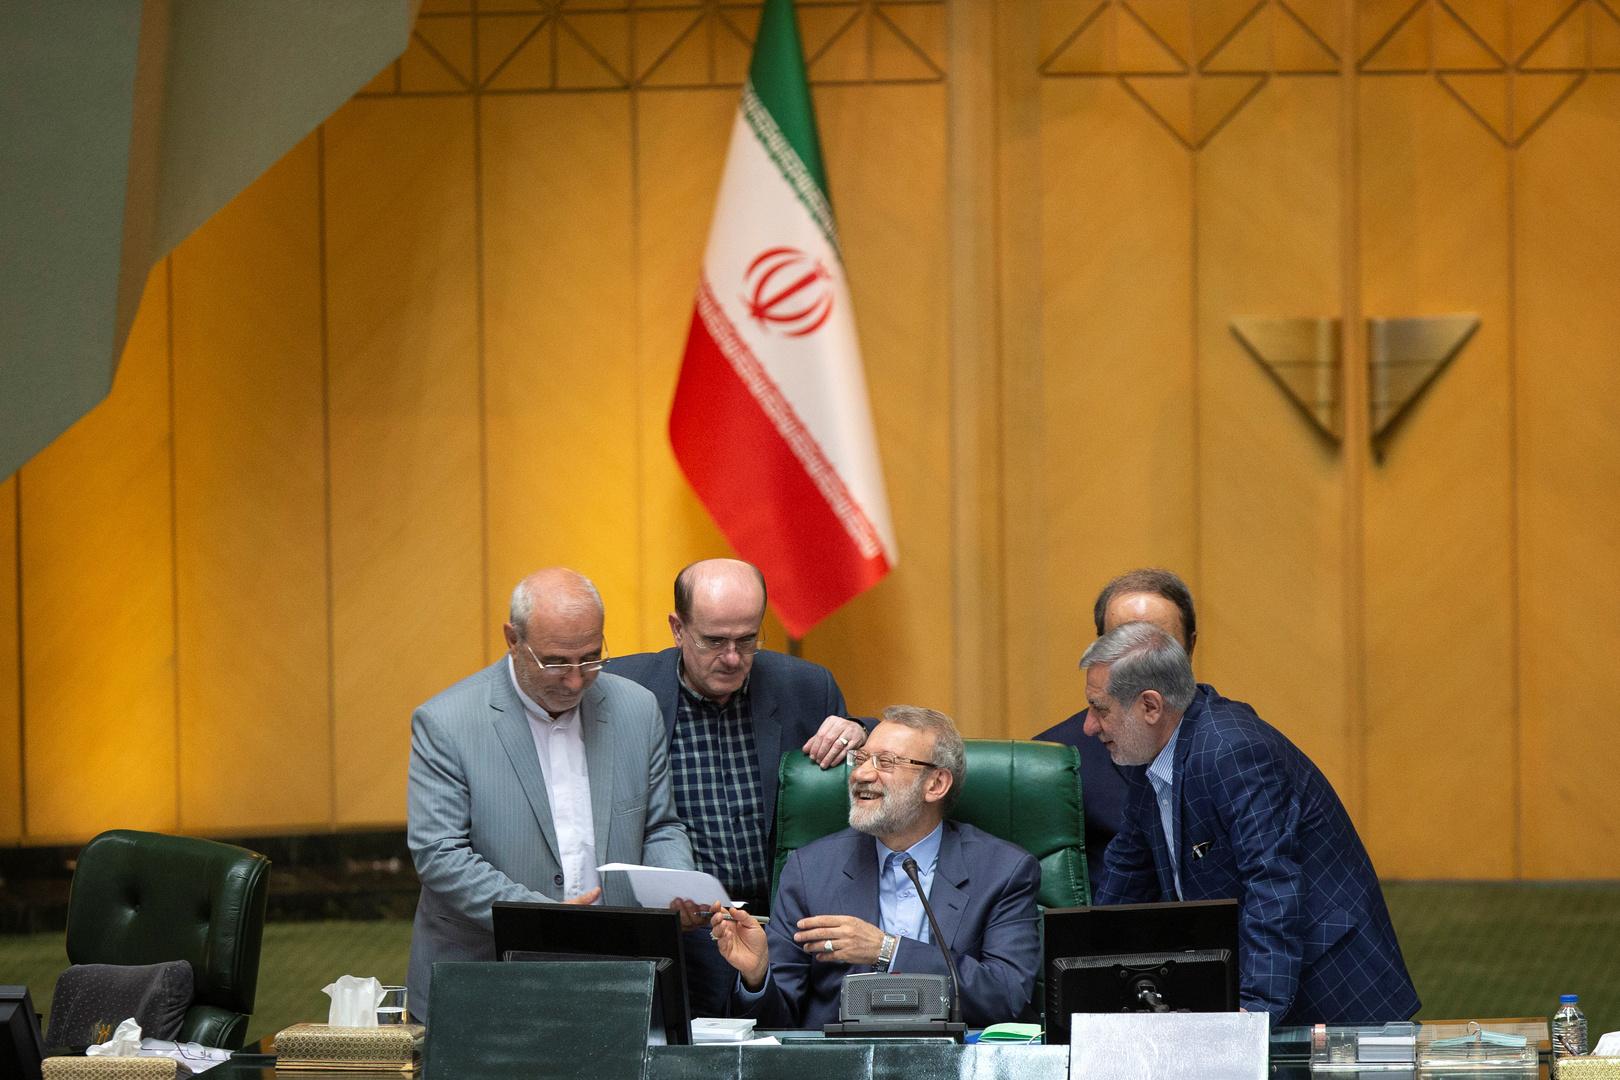 إيران تهدد بمراجعة تعاونها مع الوكالة الدولية للطاقة الذرية ردا على الضغط الأوروبي